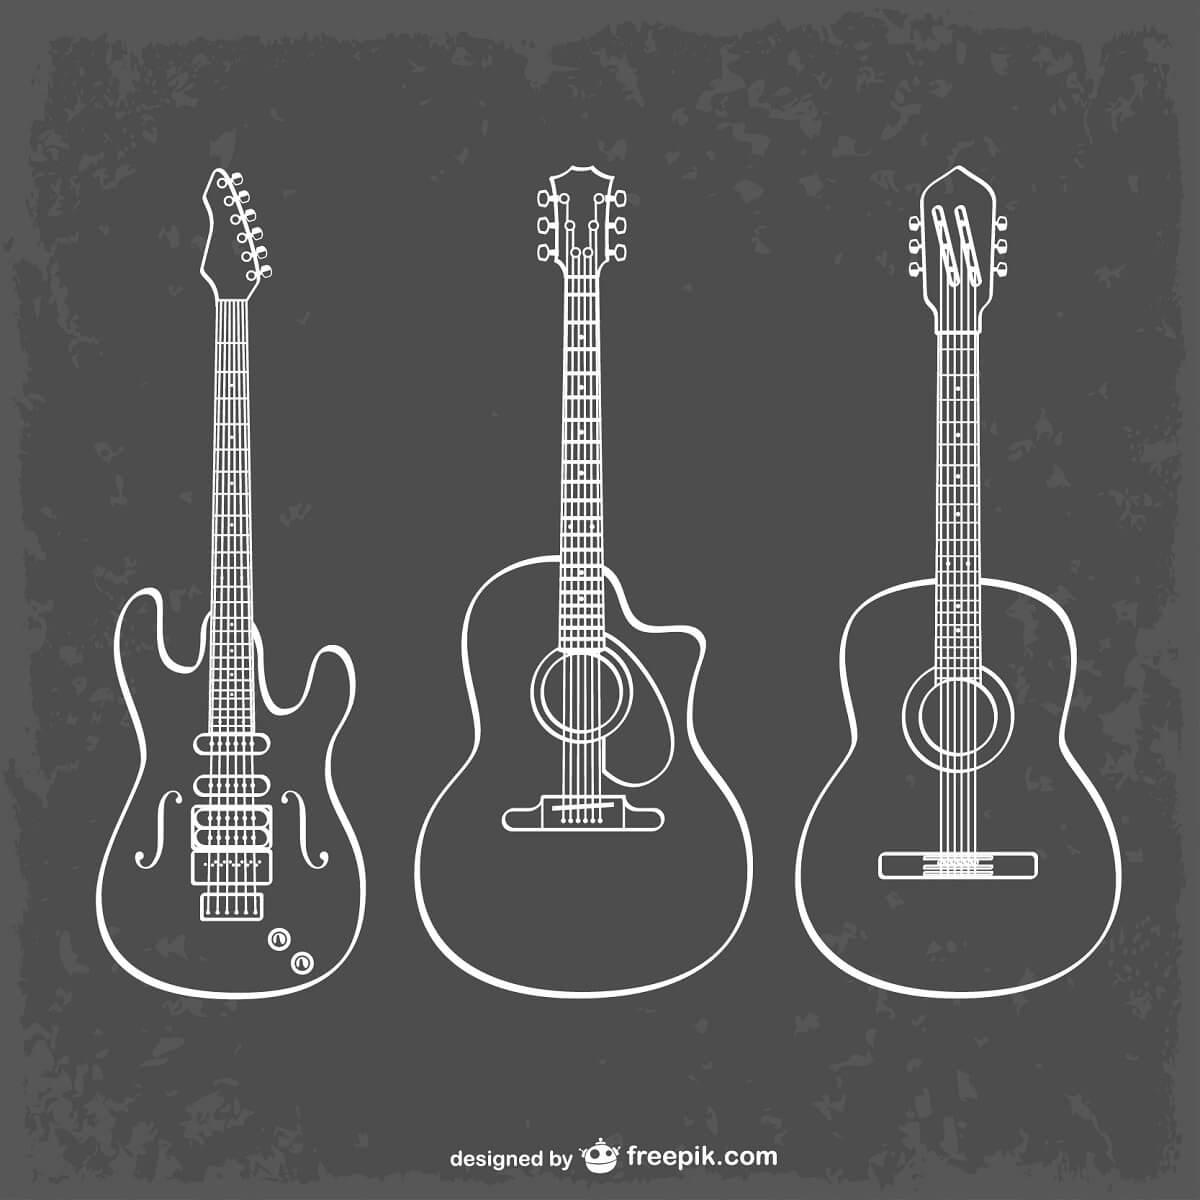 エレキギターとアコースティックギターとクラシックギターのイラスト。